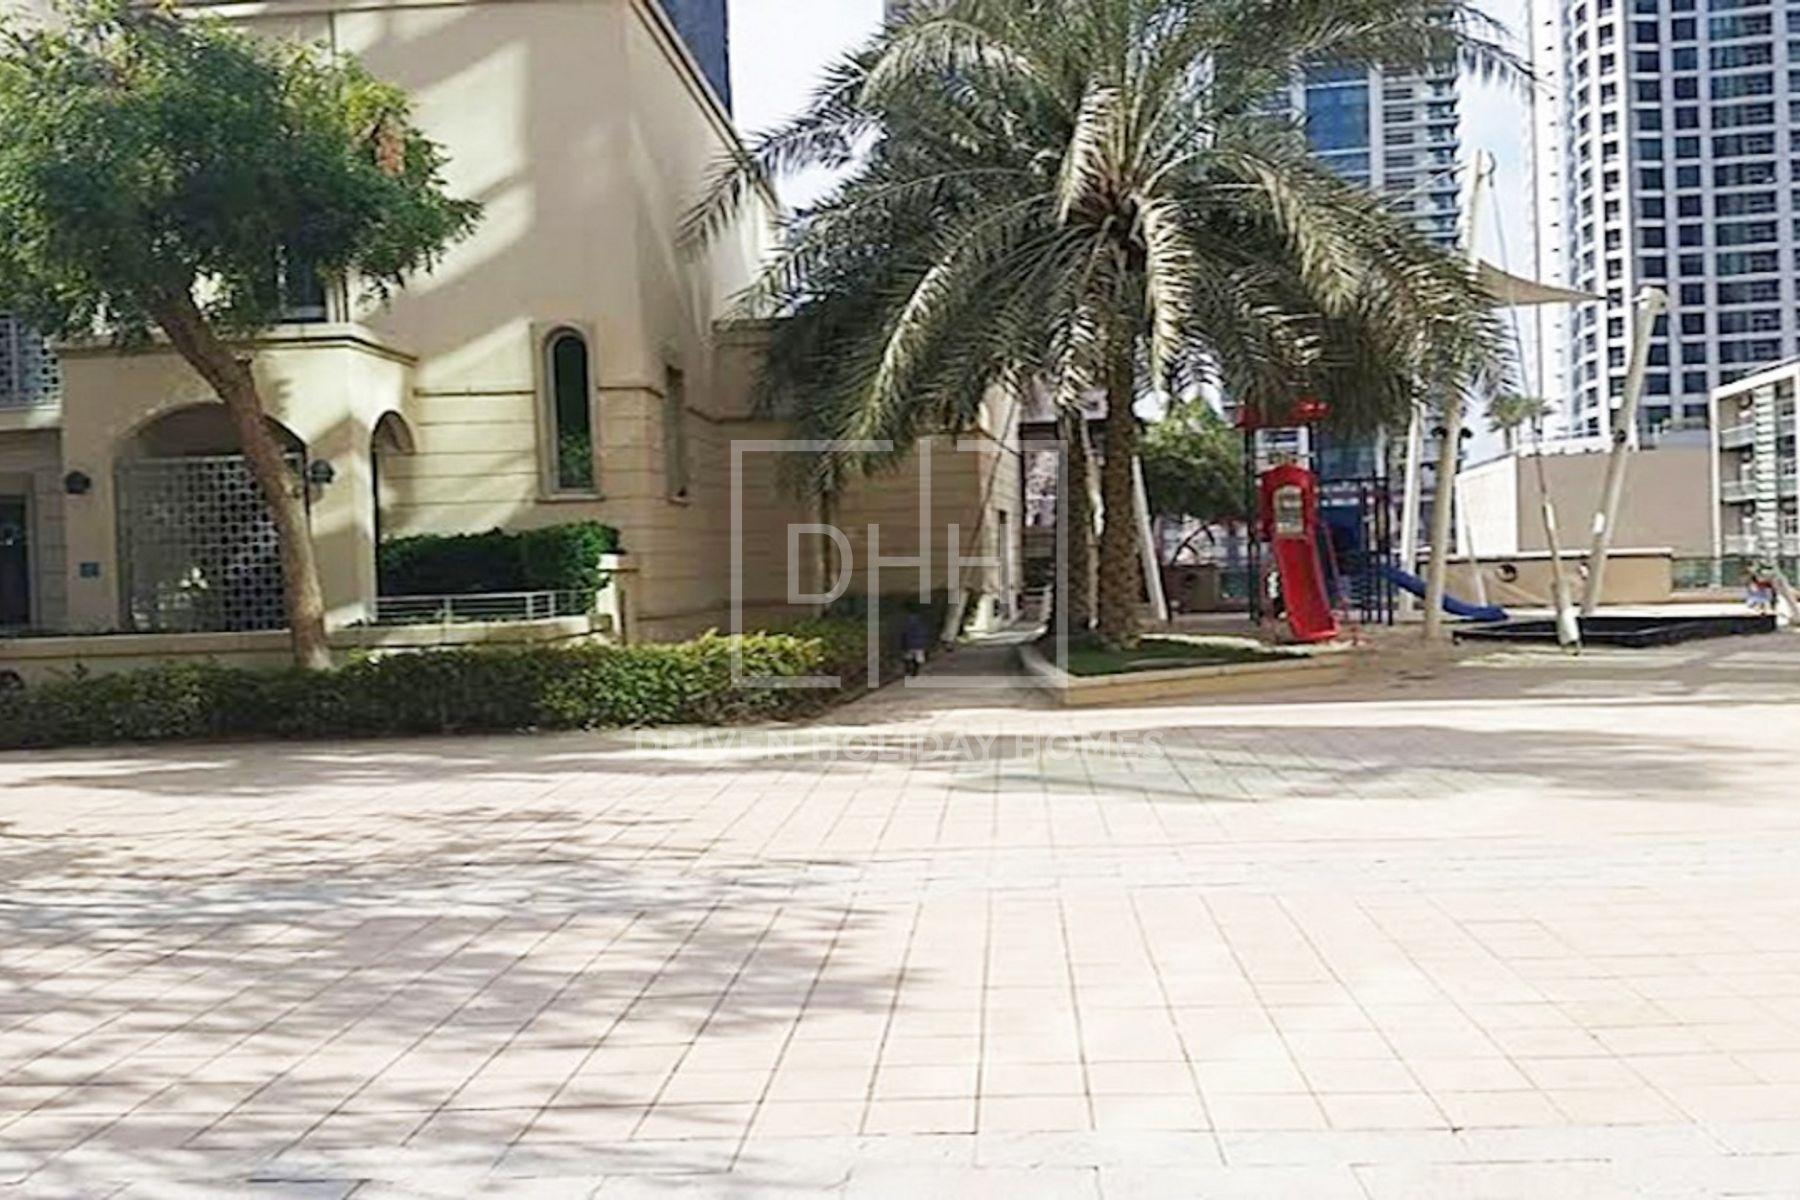 للايجار - شقة - لوفتس ويست - دبي وسط المدينة